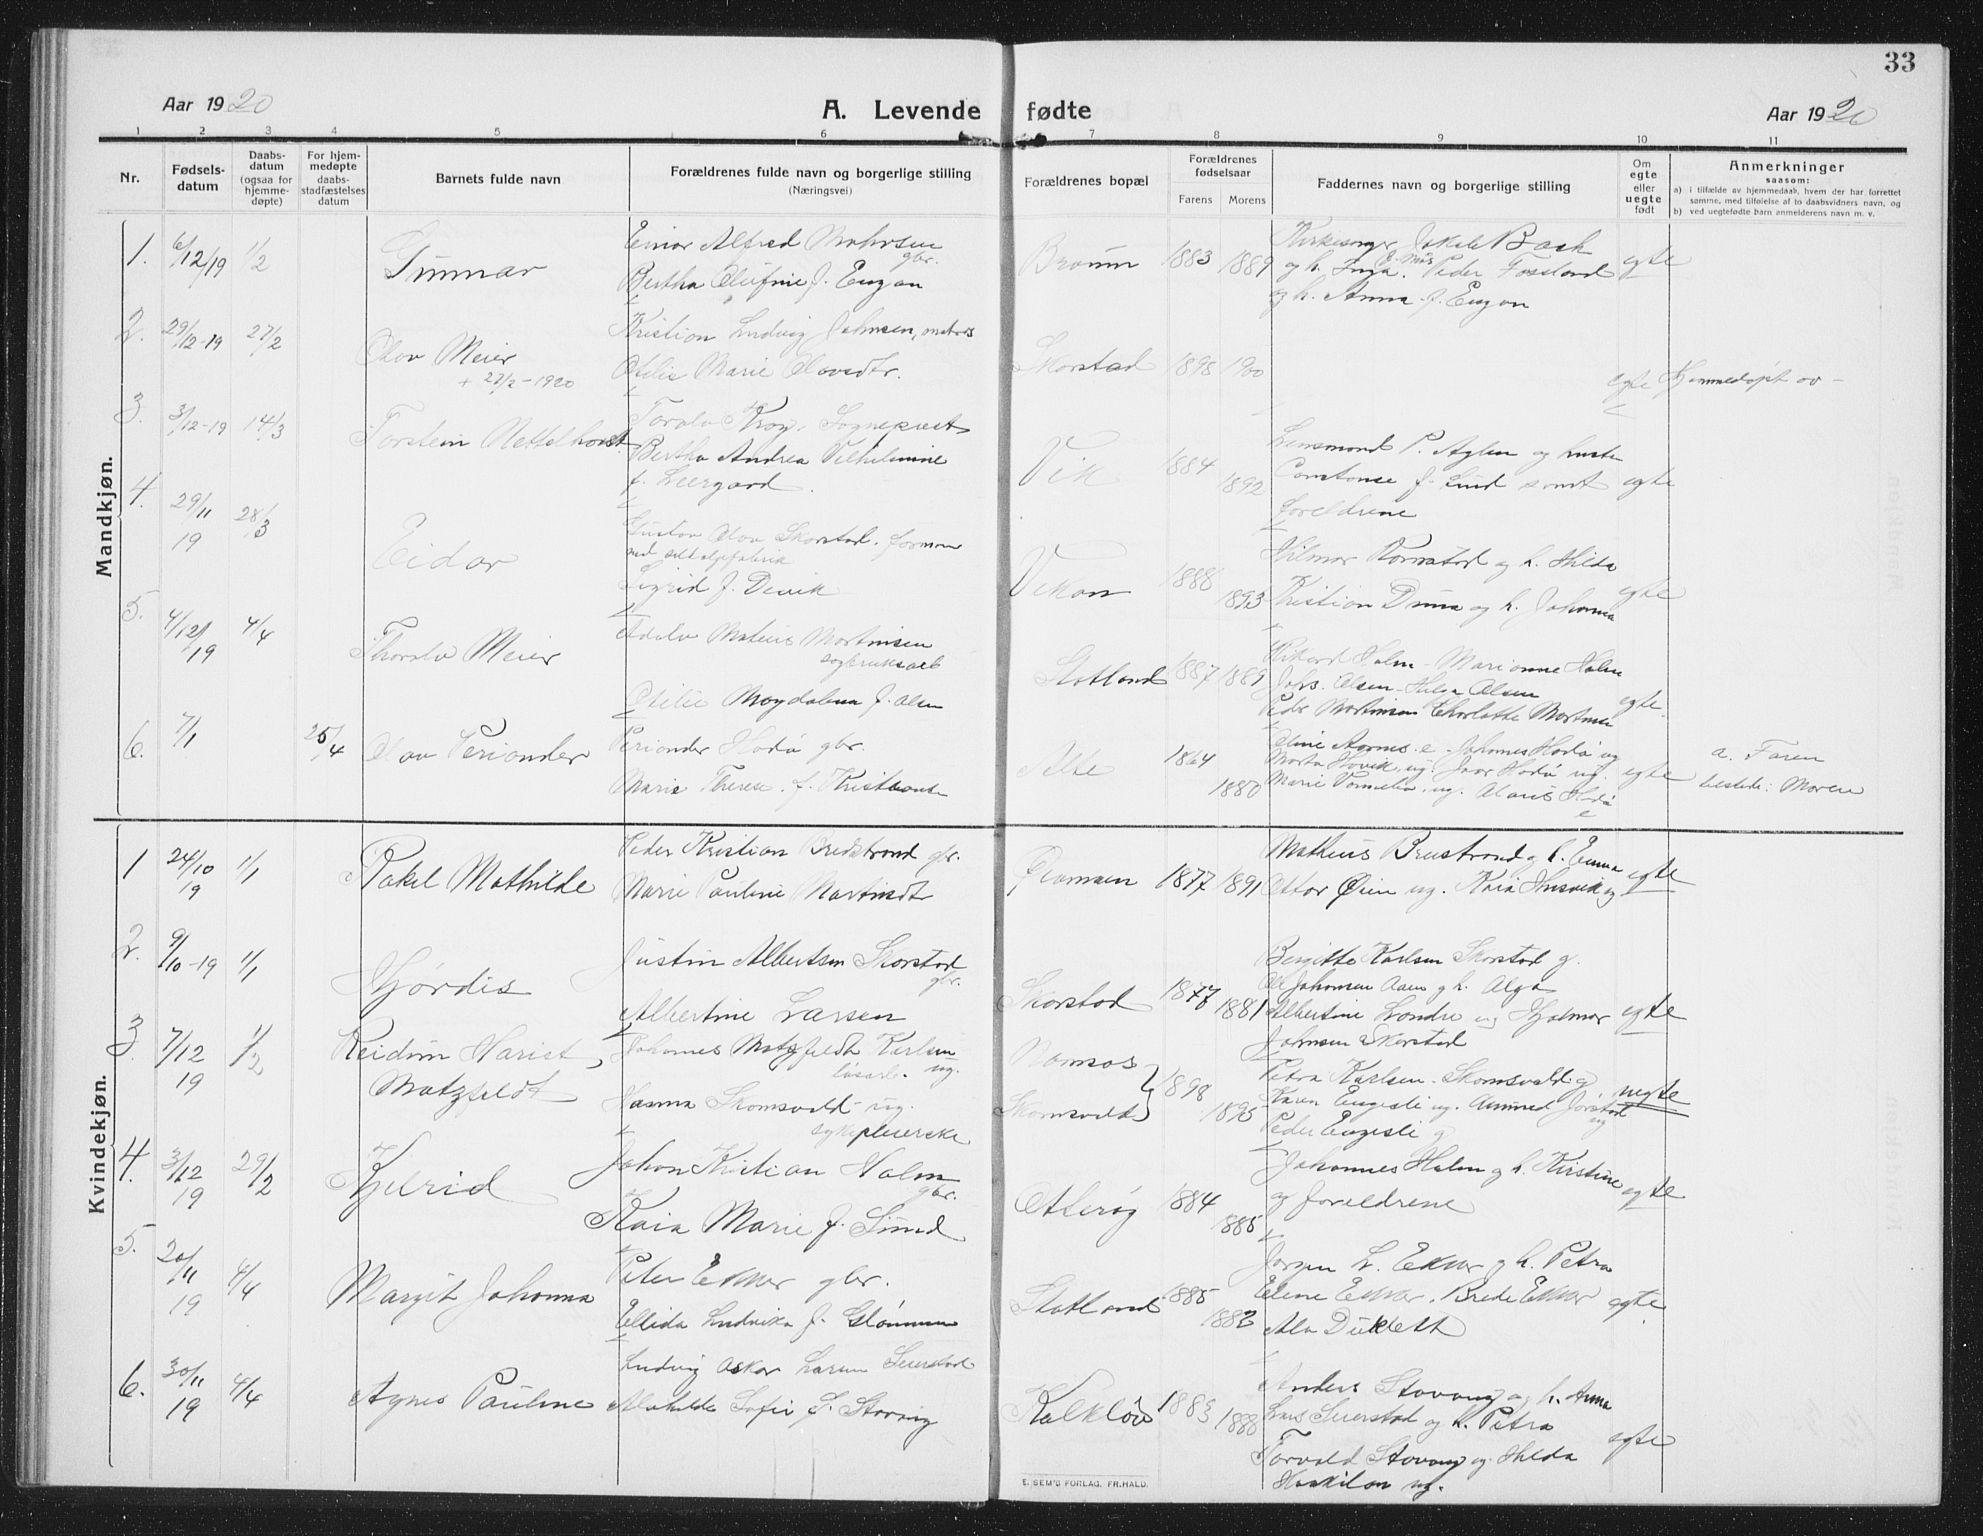 SAT, Ministerialprotokoller, klokkerbøker og fødselsregistre - Nord-Trøndelag, 774/L0630: Klokkerbok nr. 774C01, 1910-1934, s. 33